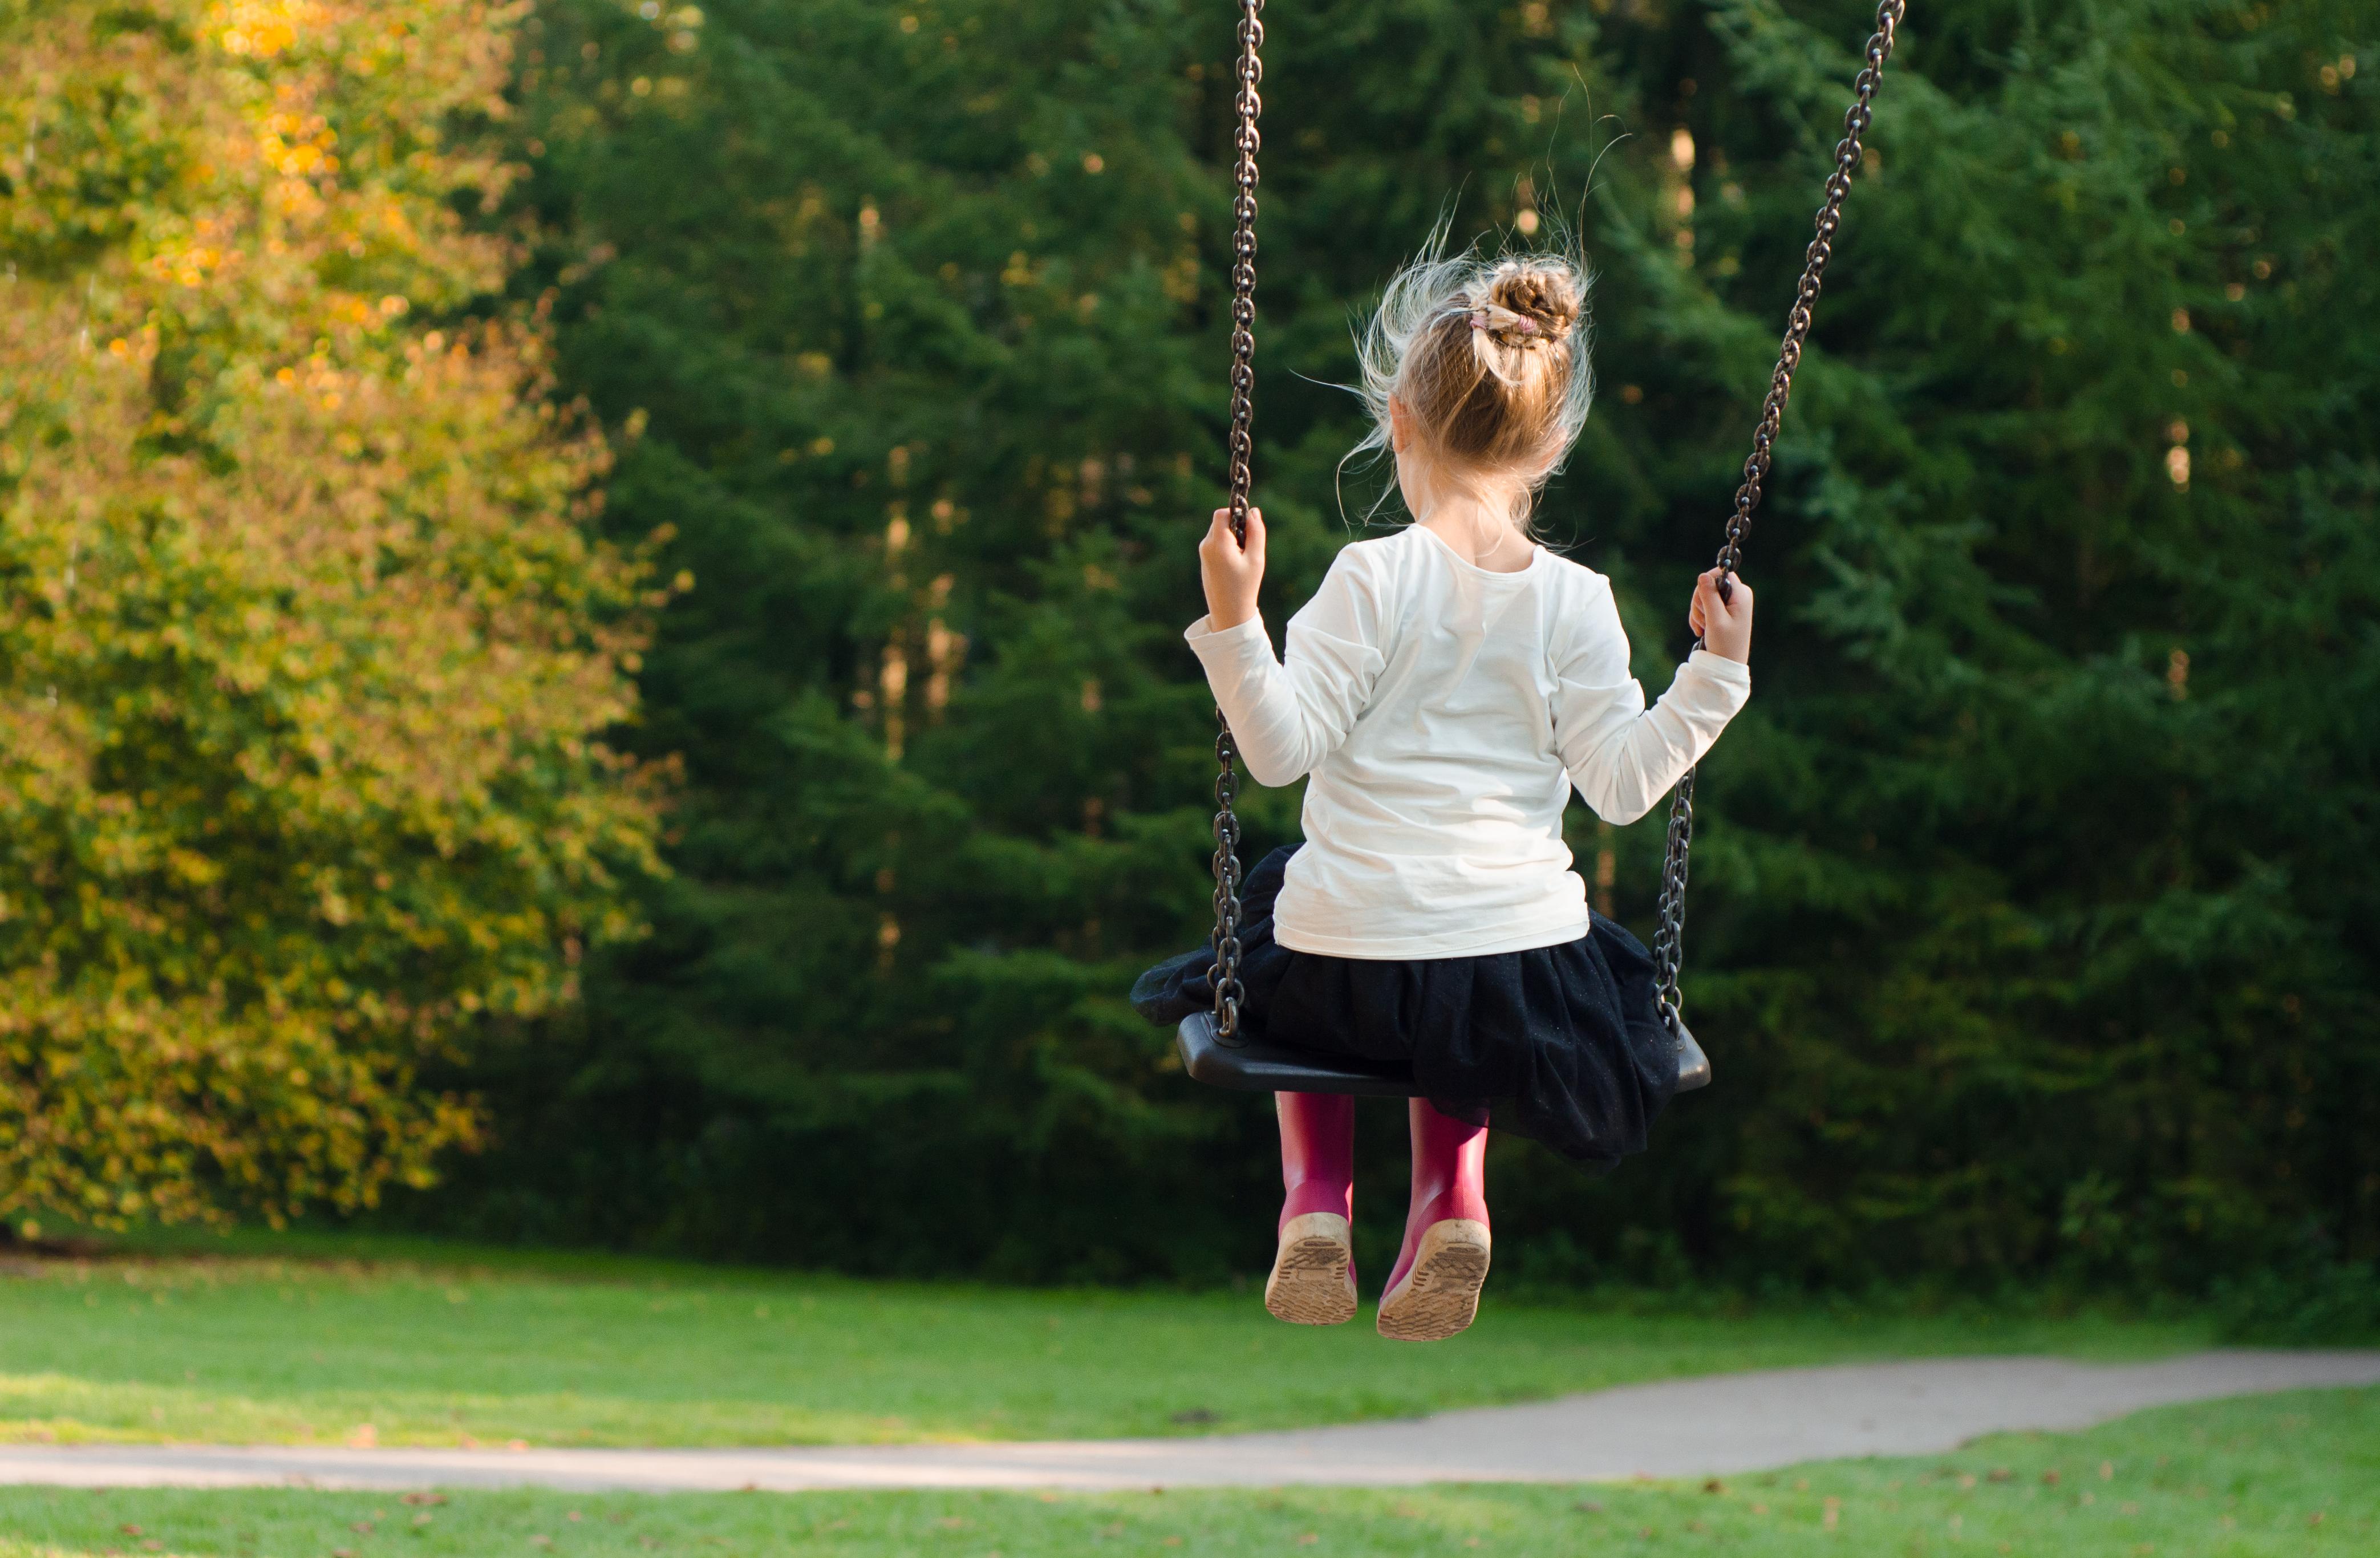 Internet Safety - Keeping Kids Safe Online